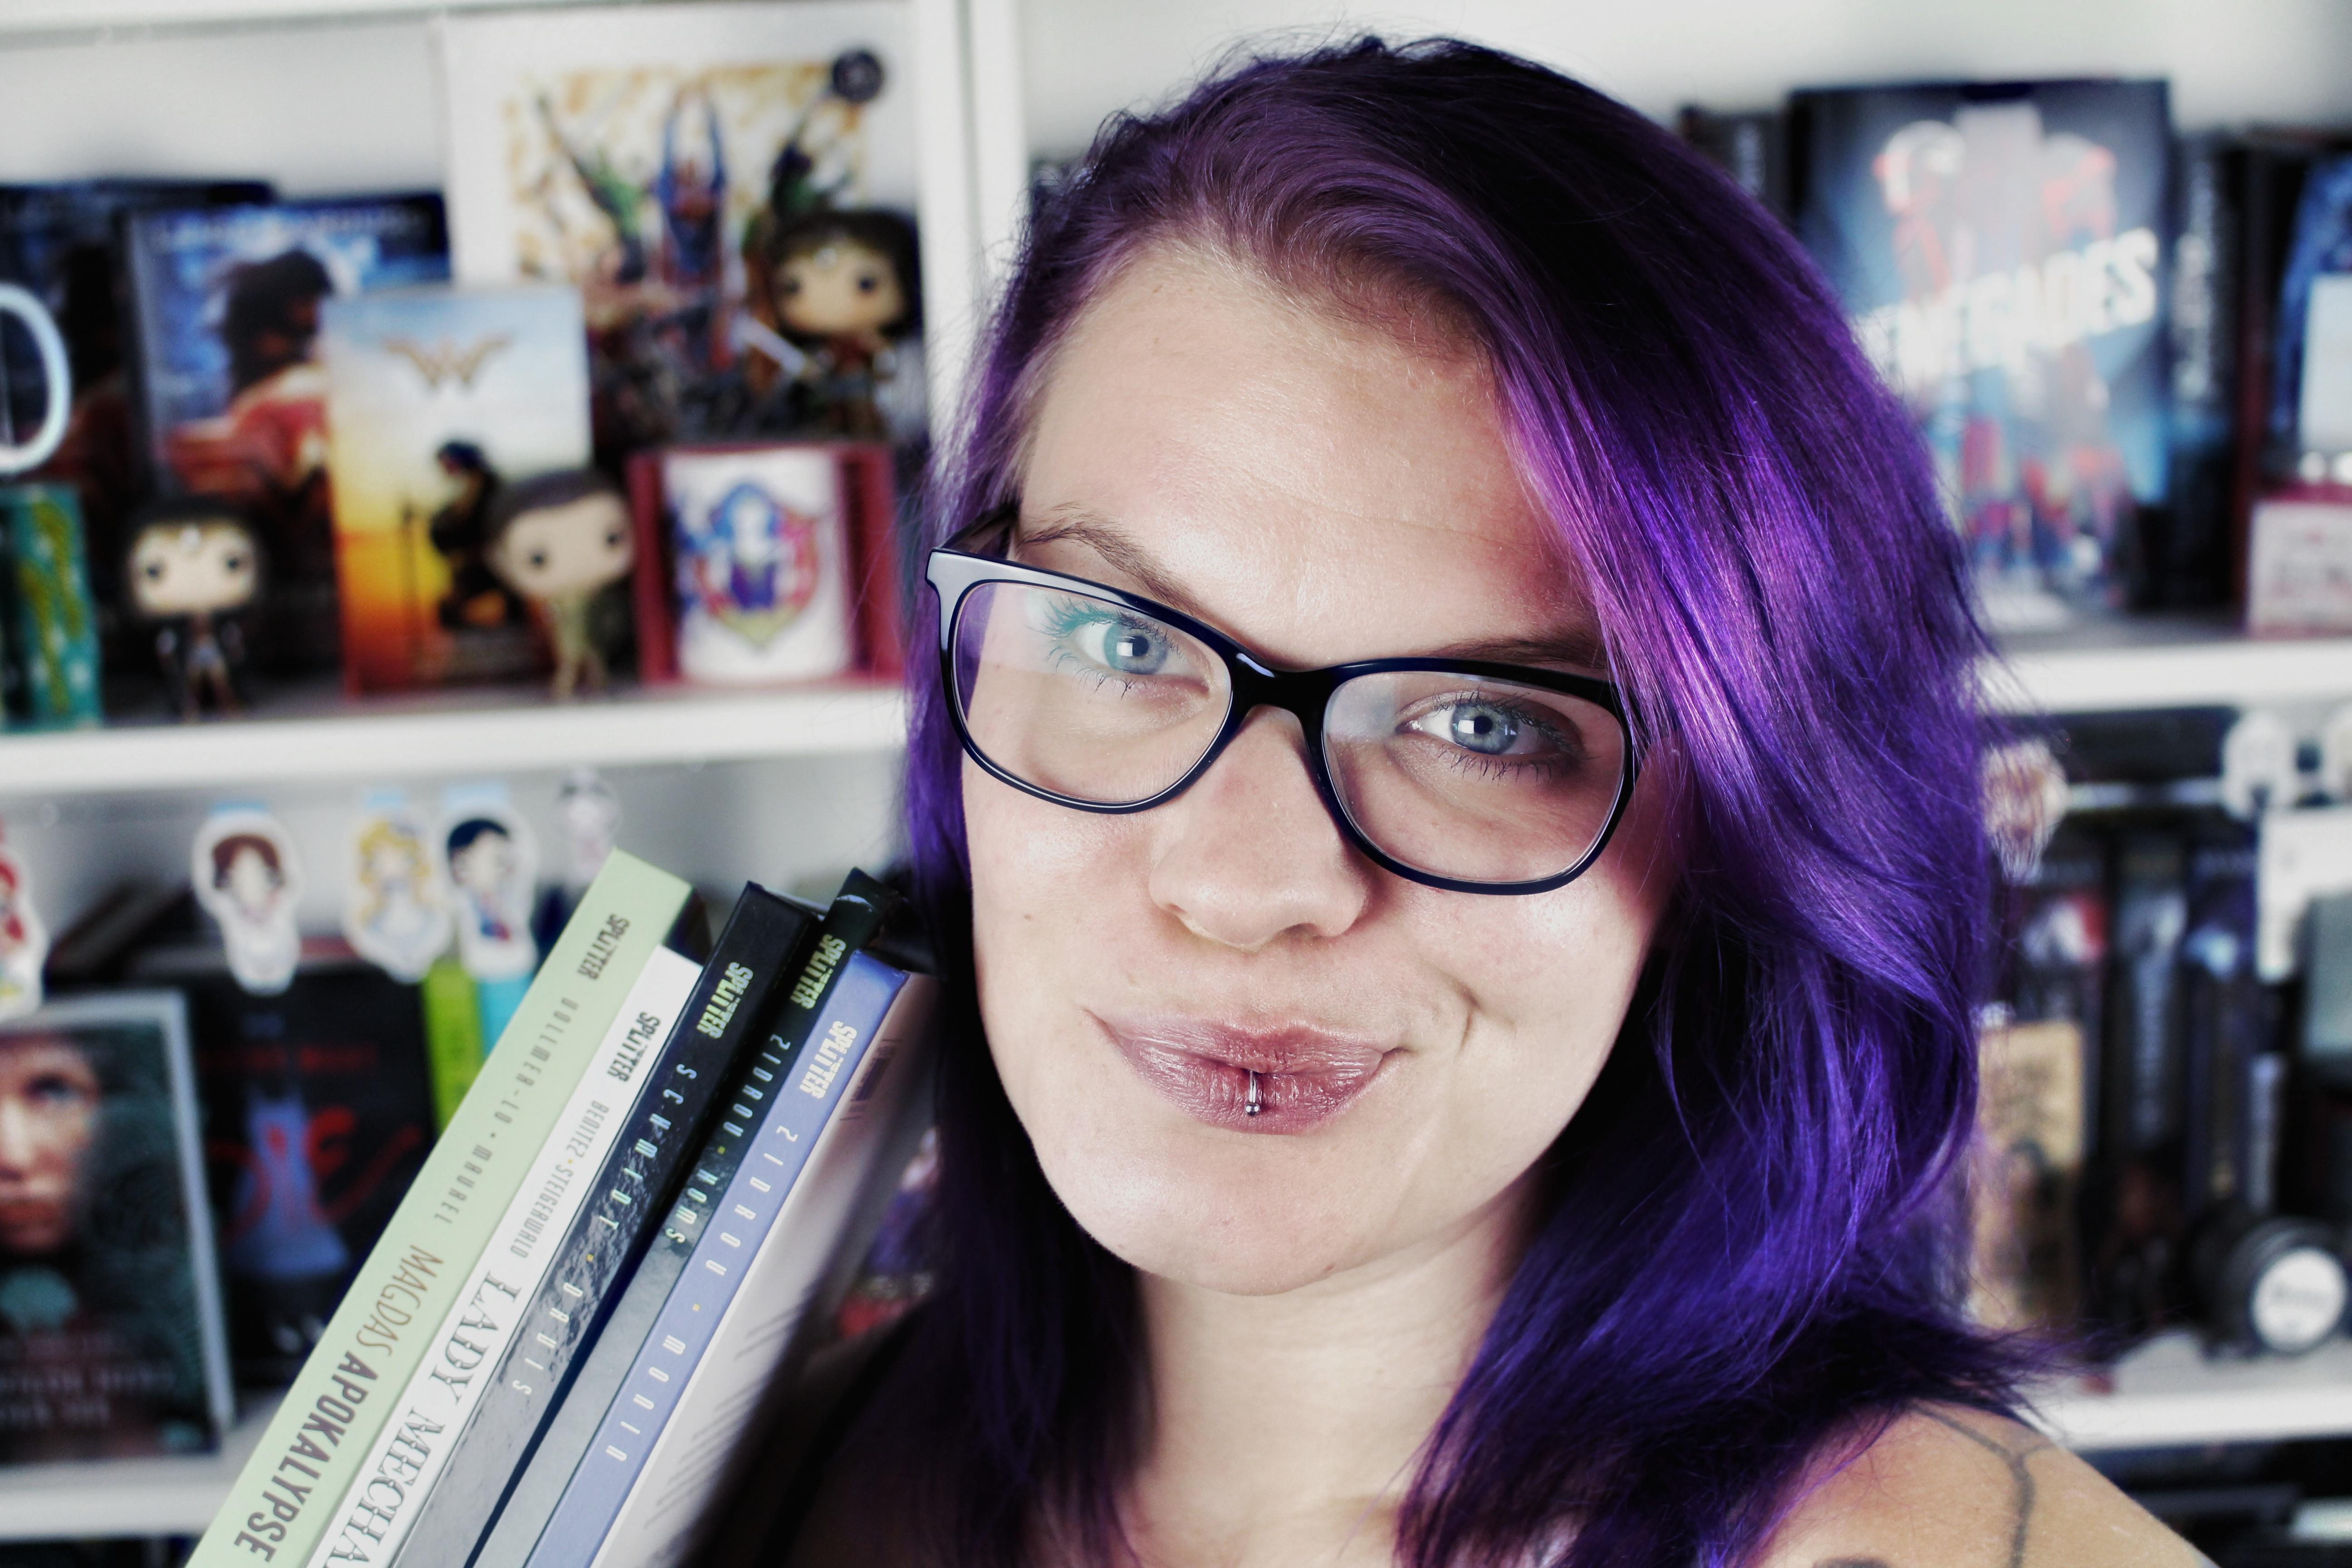 Empfehlungssplitter | Bloggerinterview